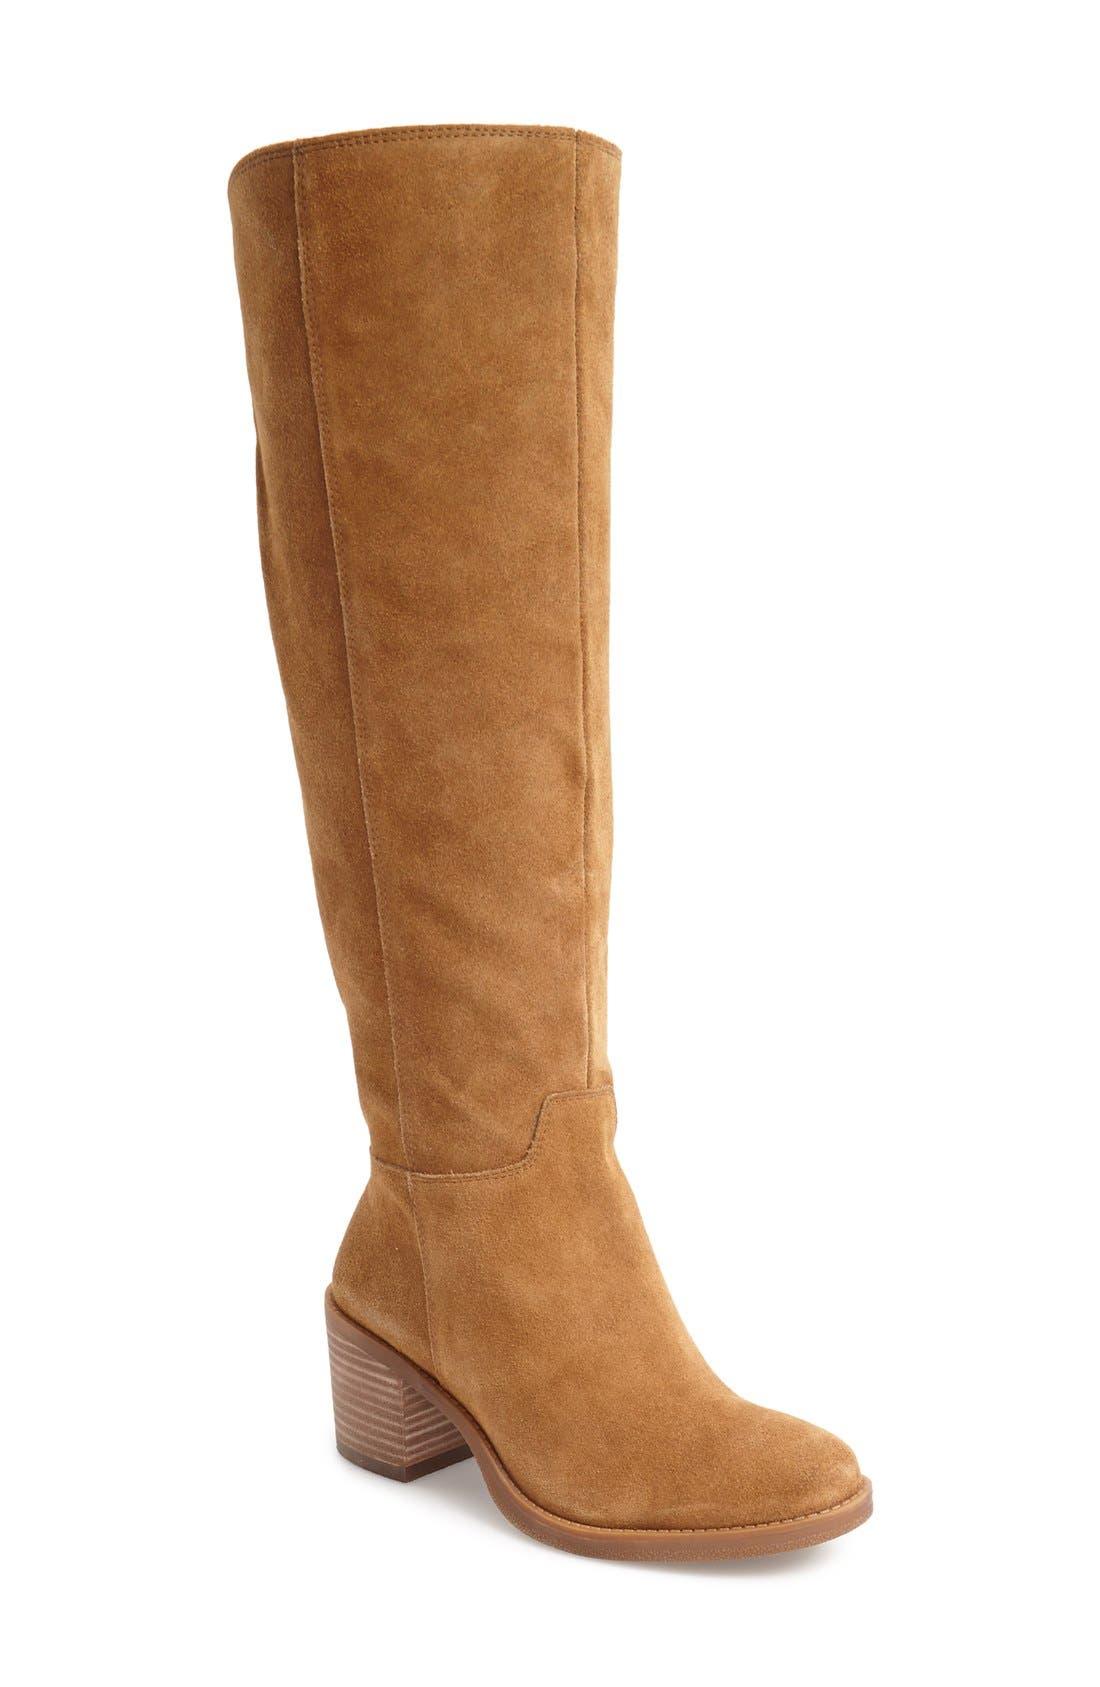 Alternate Image 1 Selected - Lucky Brand Ritten Tall Boot (Women)